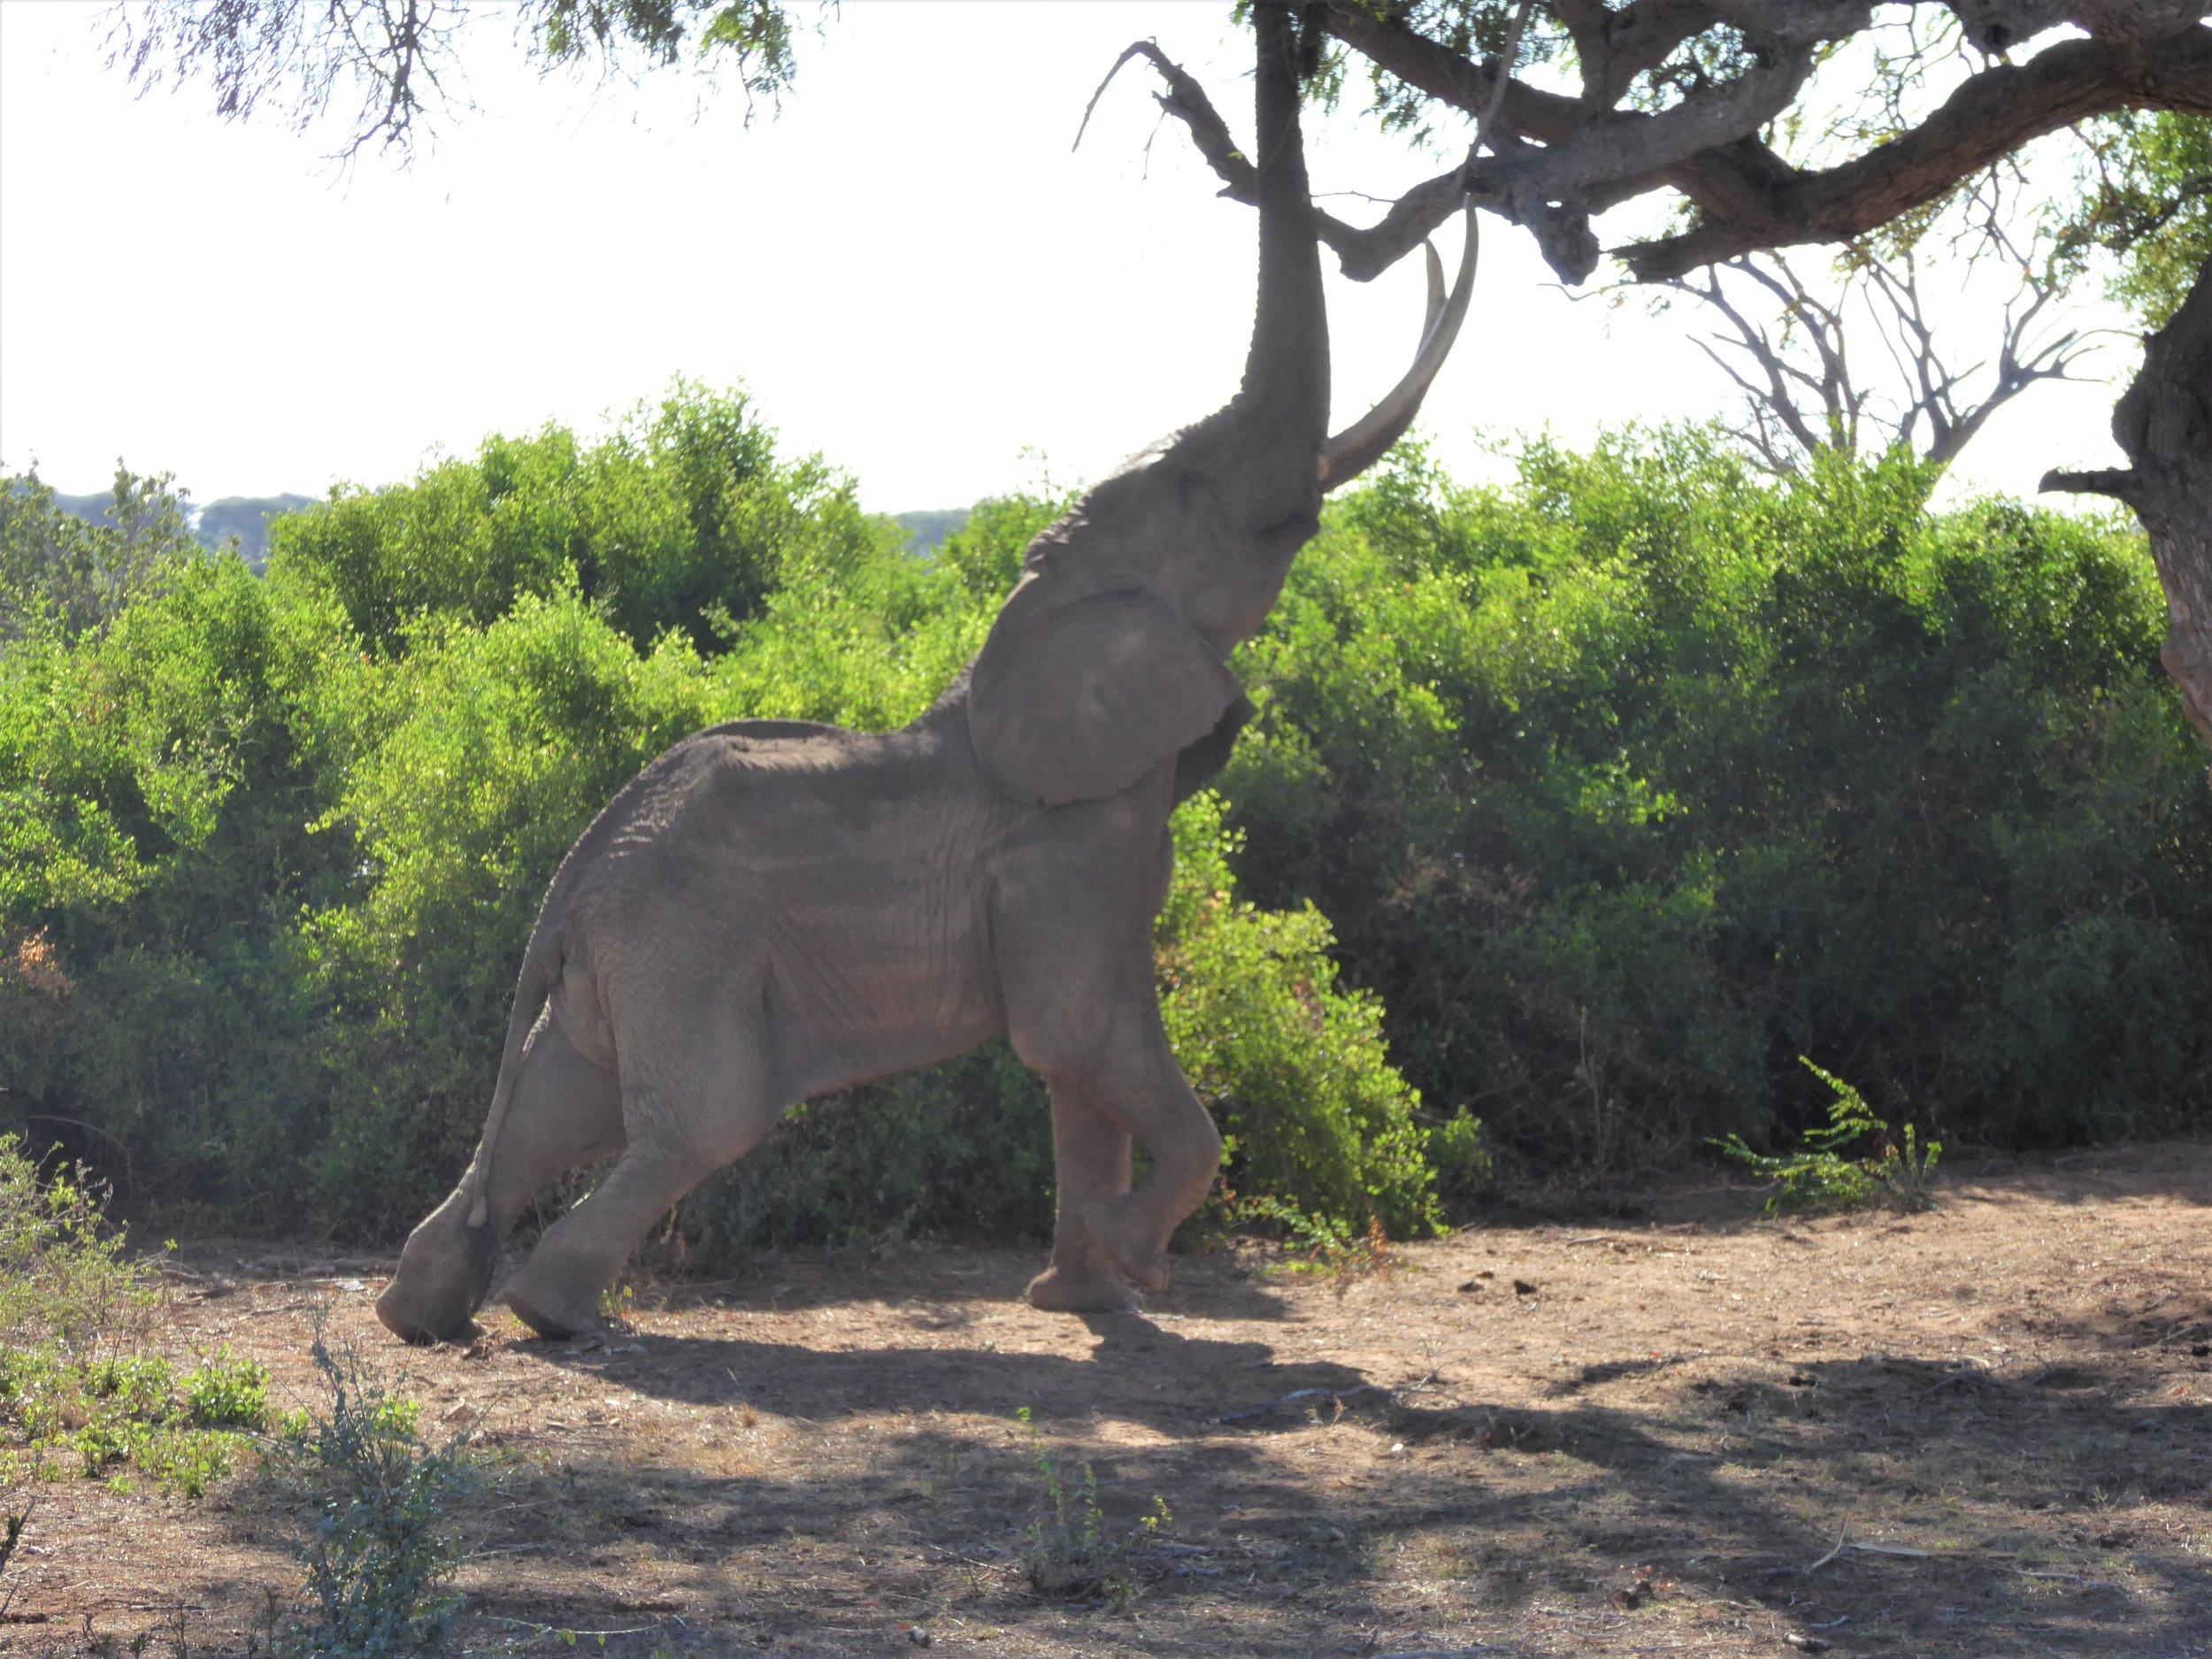 Male Elephant, Tsavo